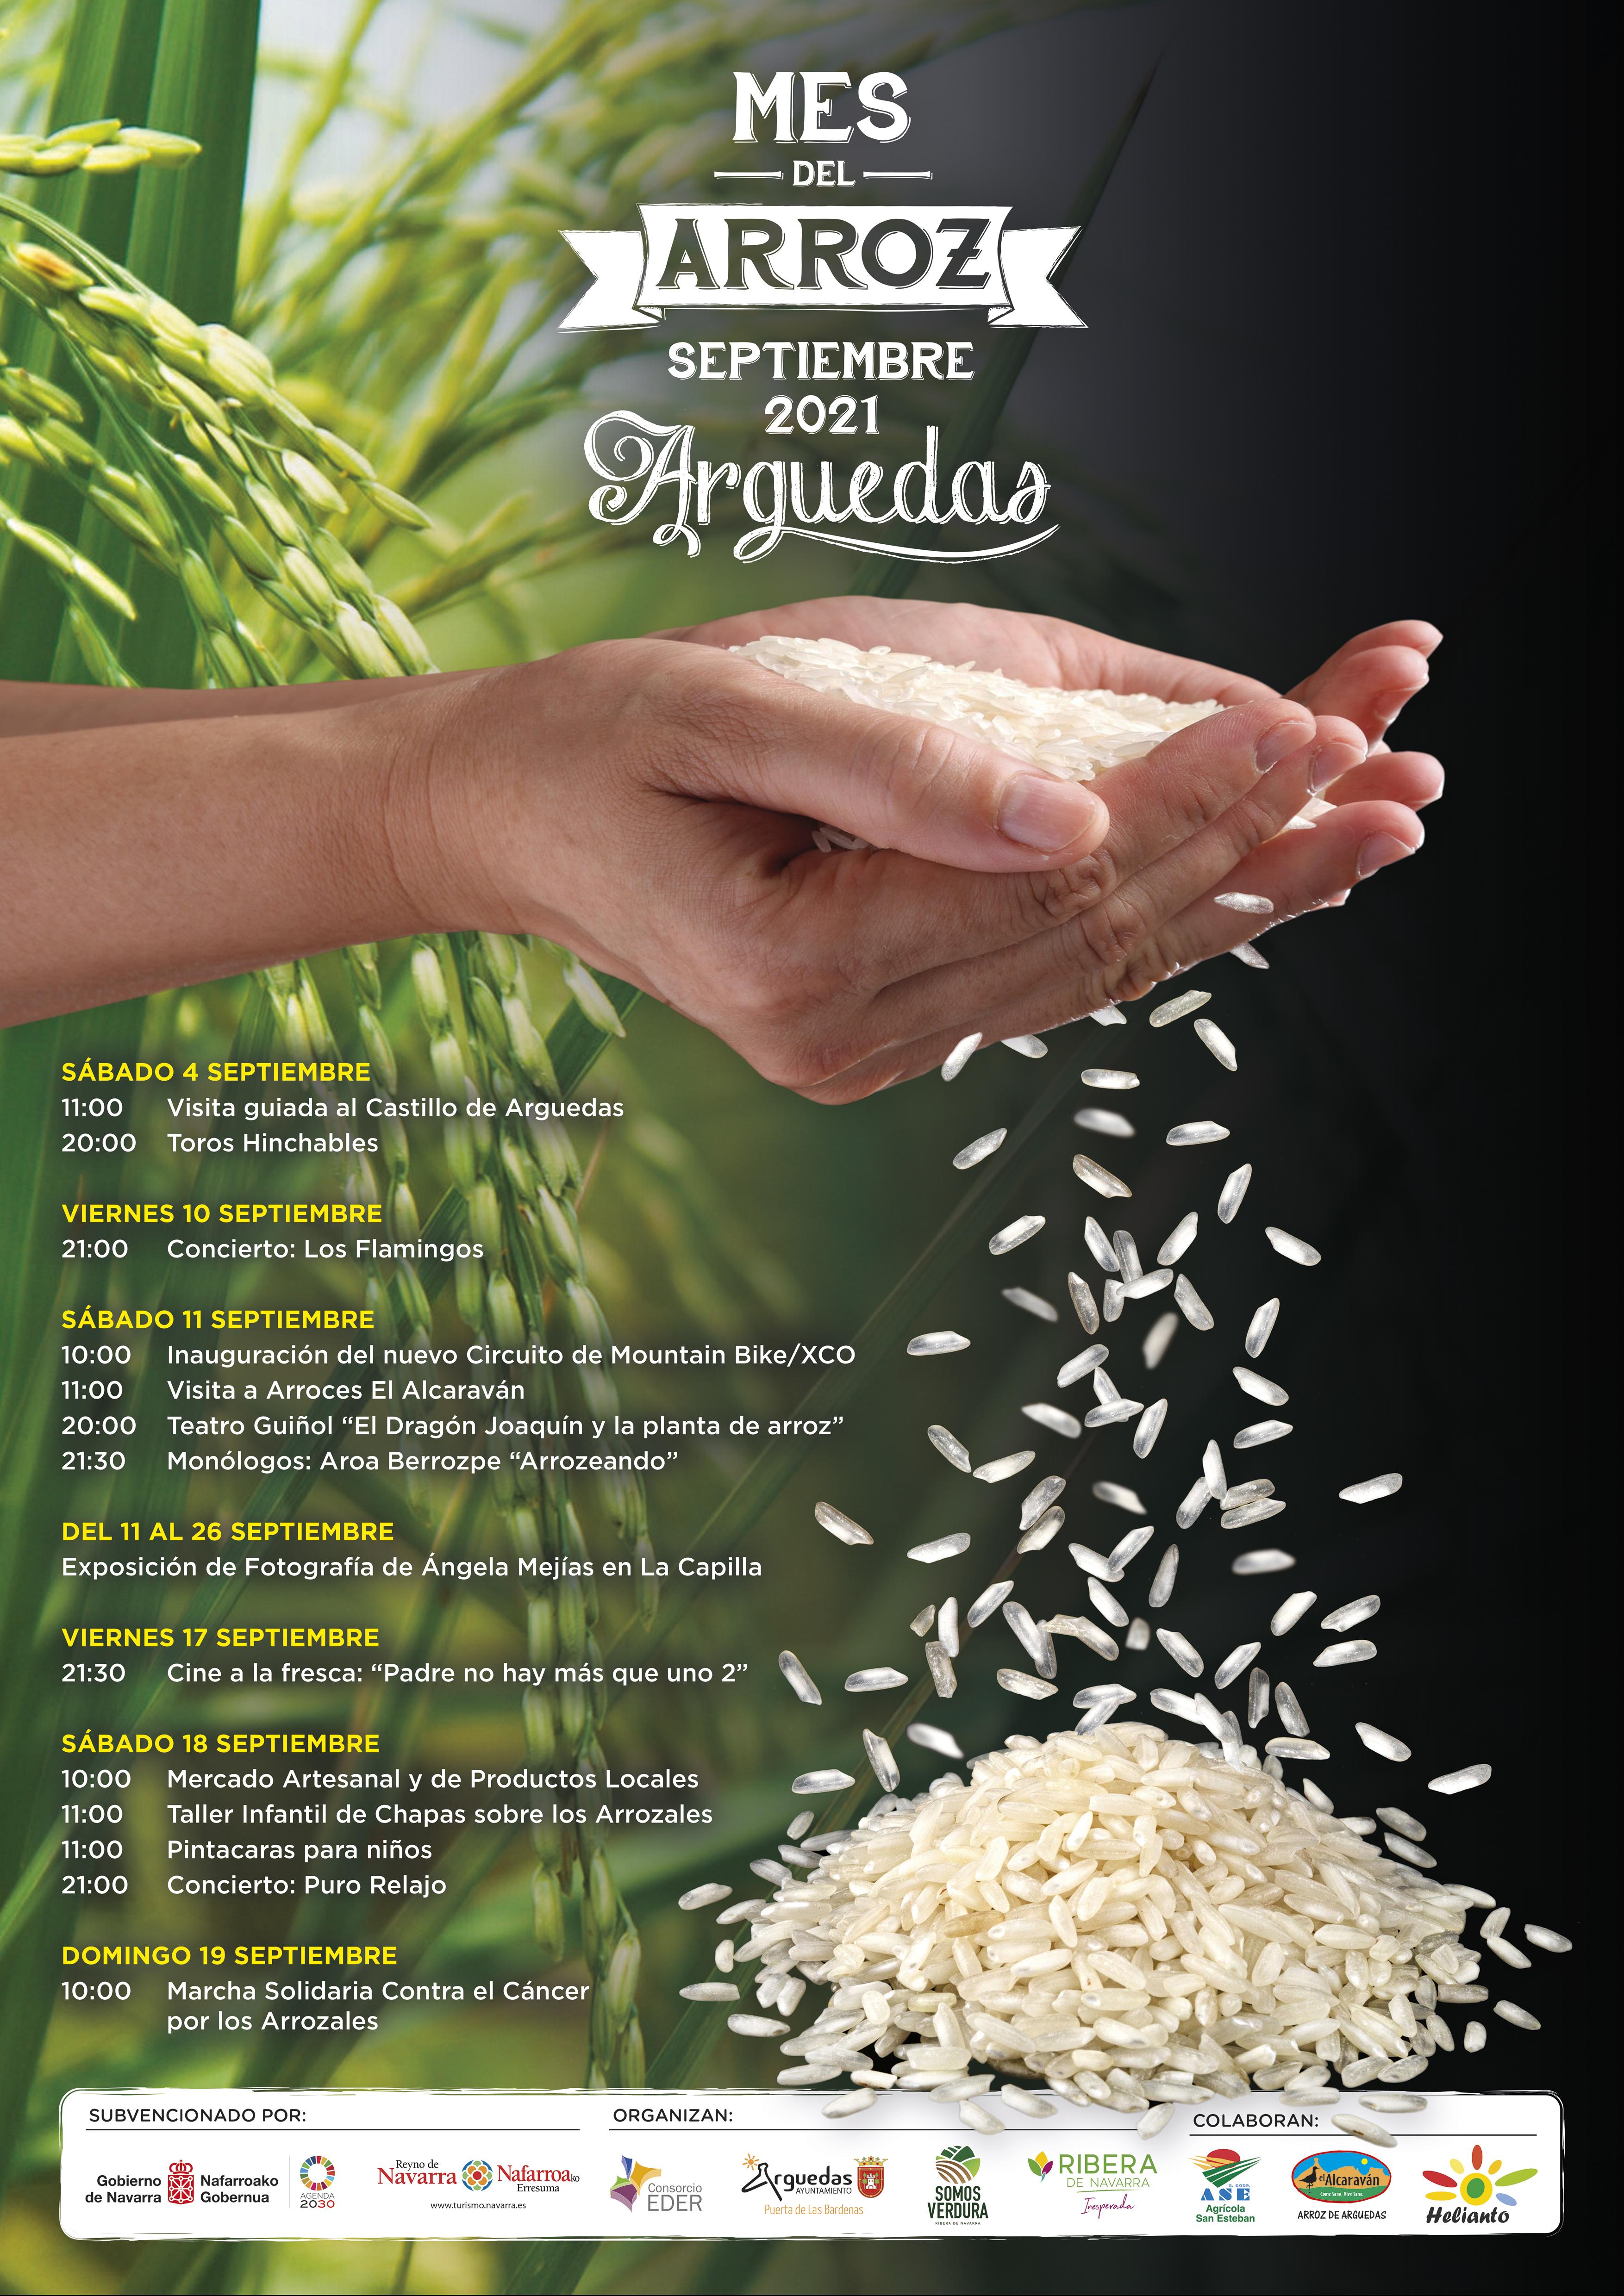 Mes arroz Arguedas